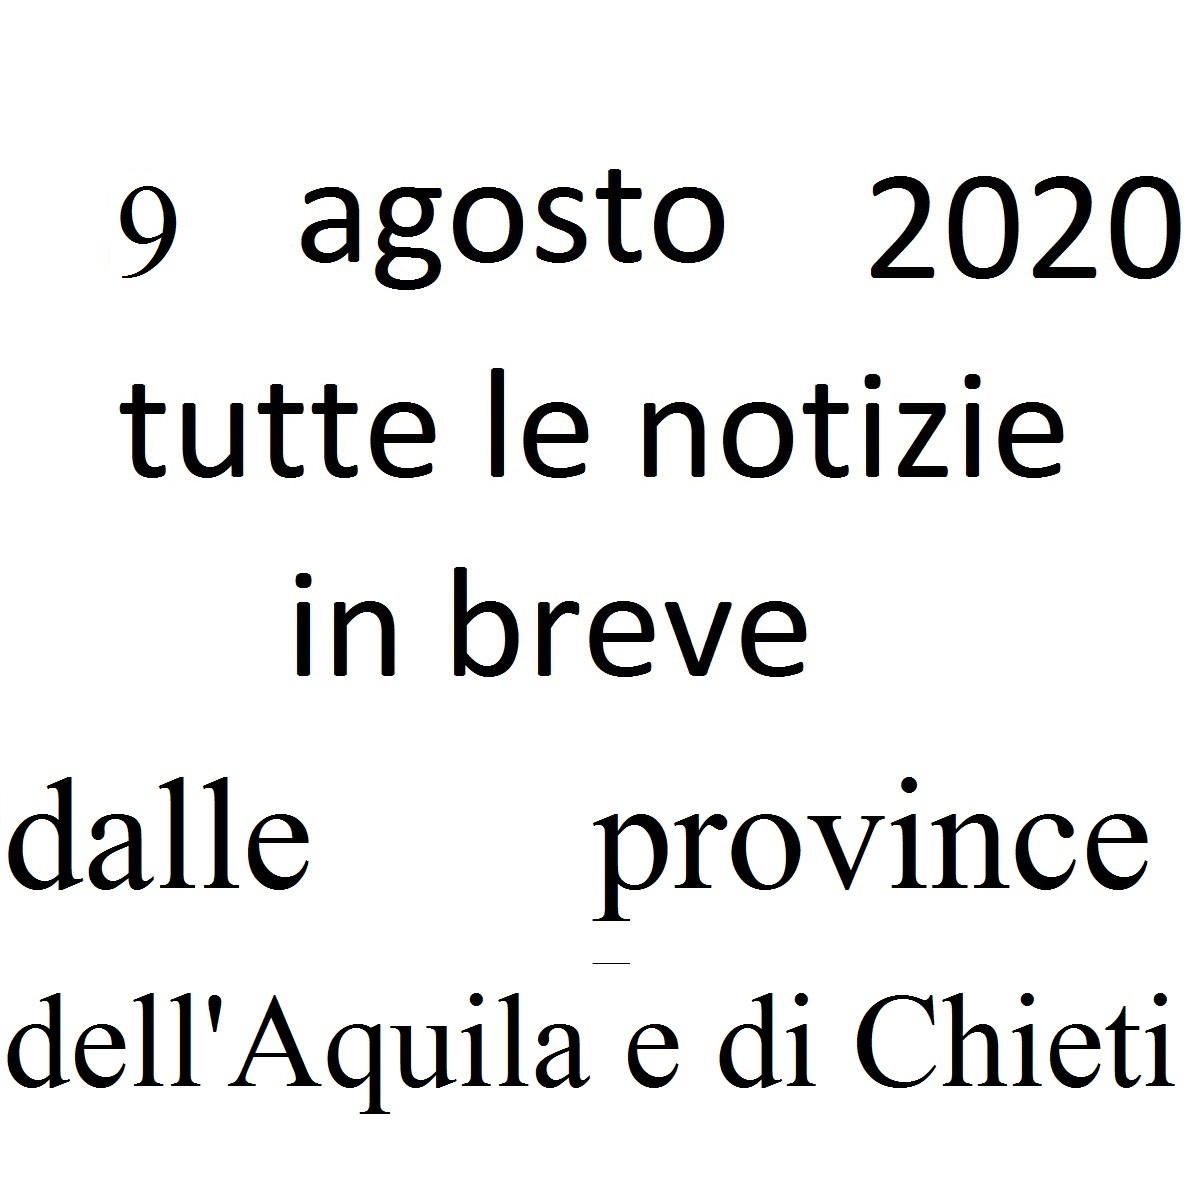 9 agosto 2020 notizie in breve dalle Province dell'Aquila e di Chieti foto